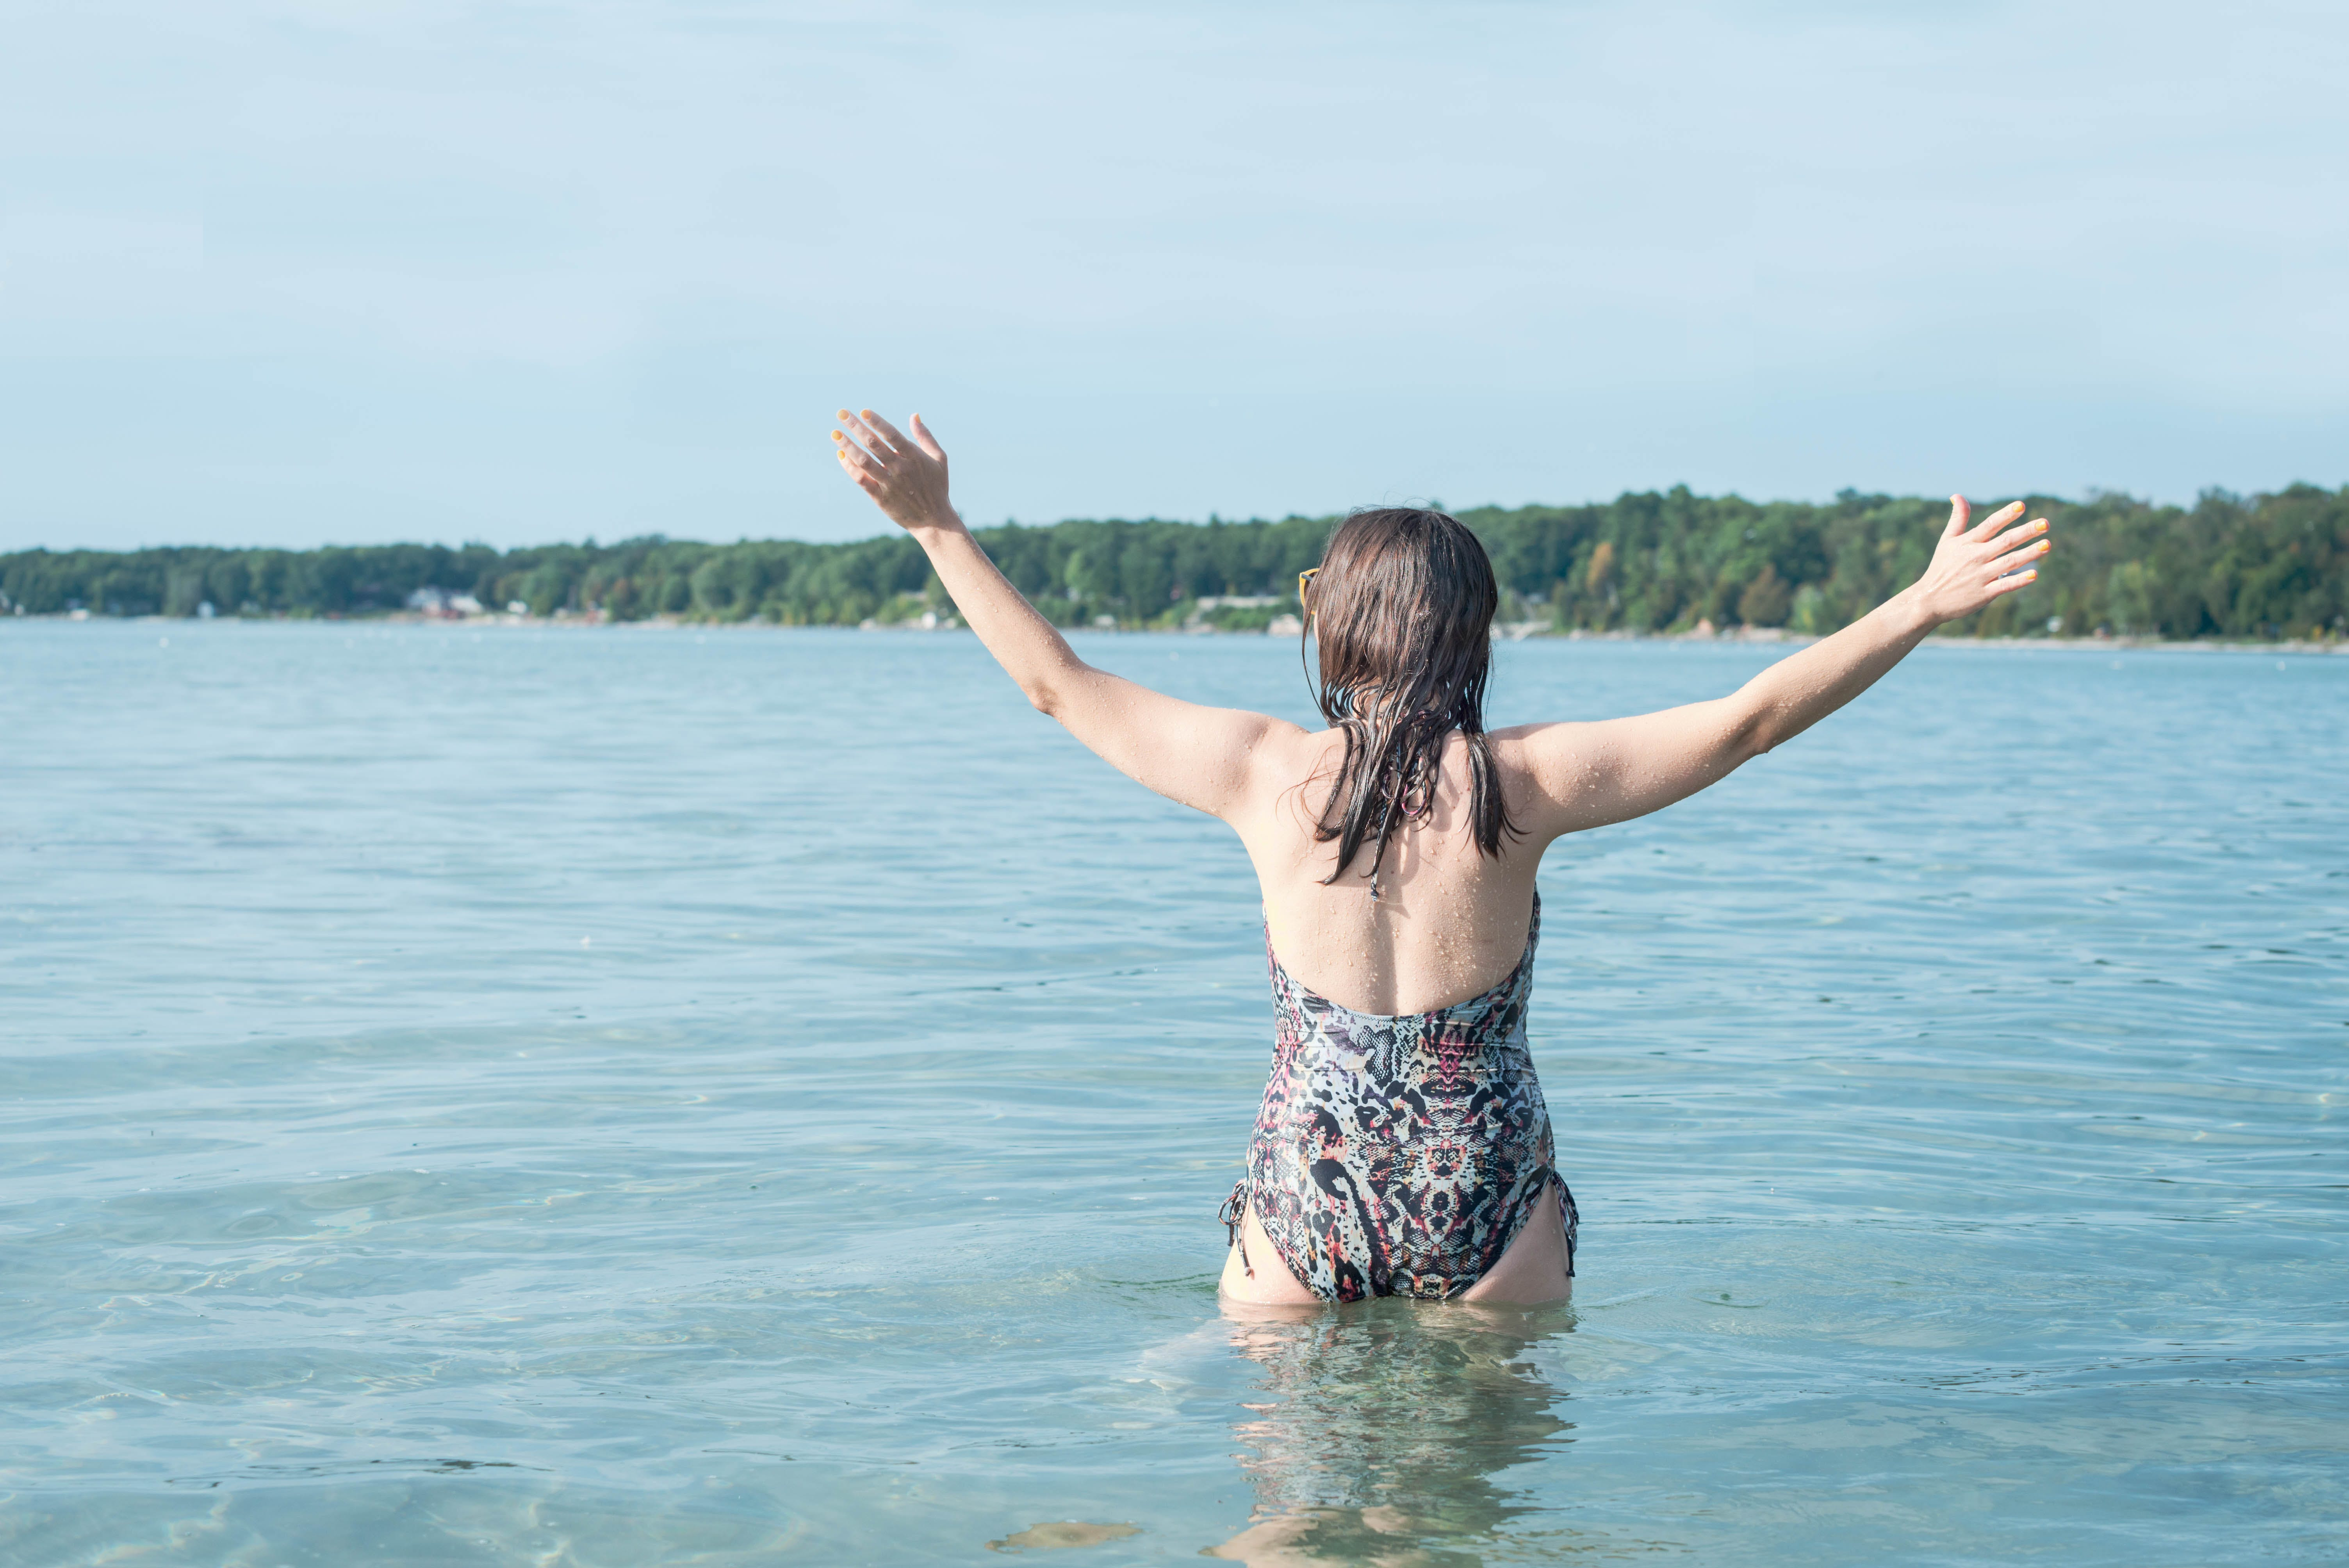 Immagine gratuita di acqua, costume da bagno, divertimento, donna